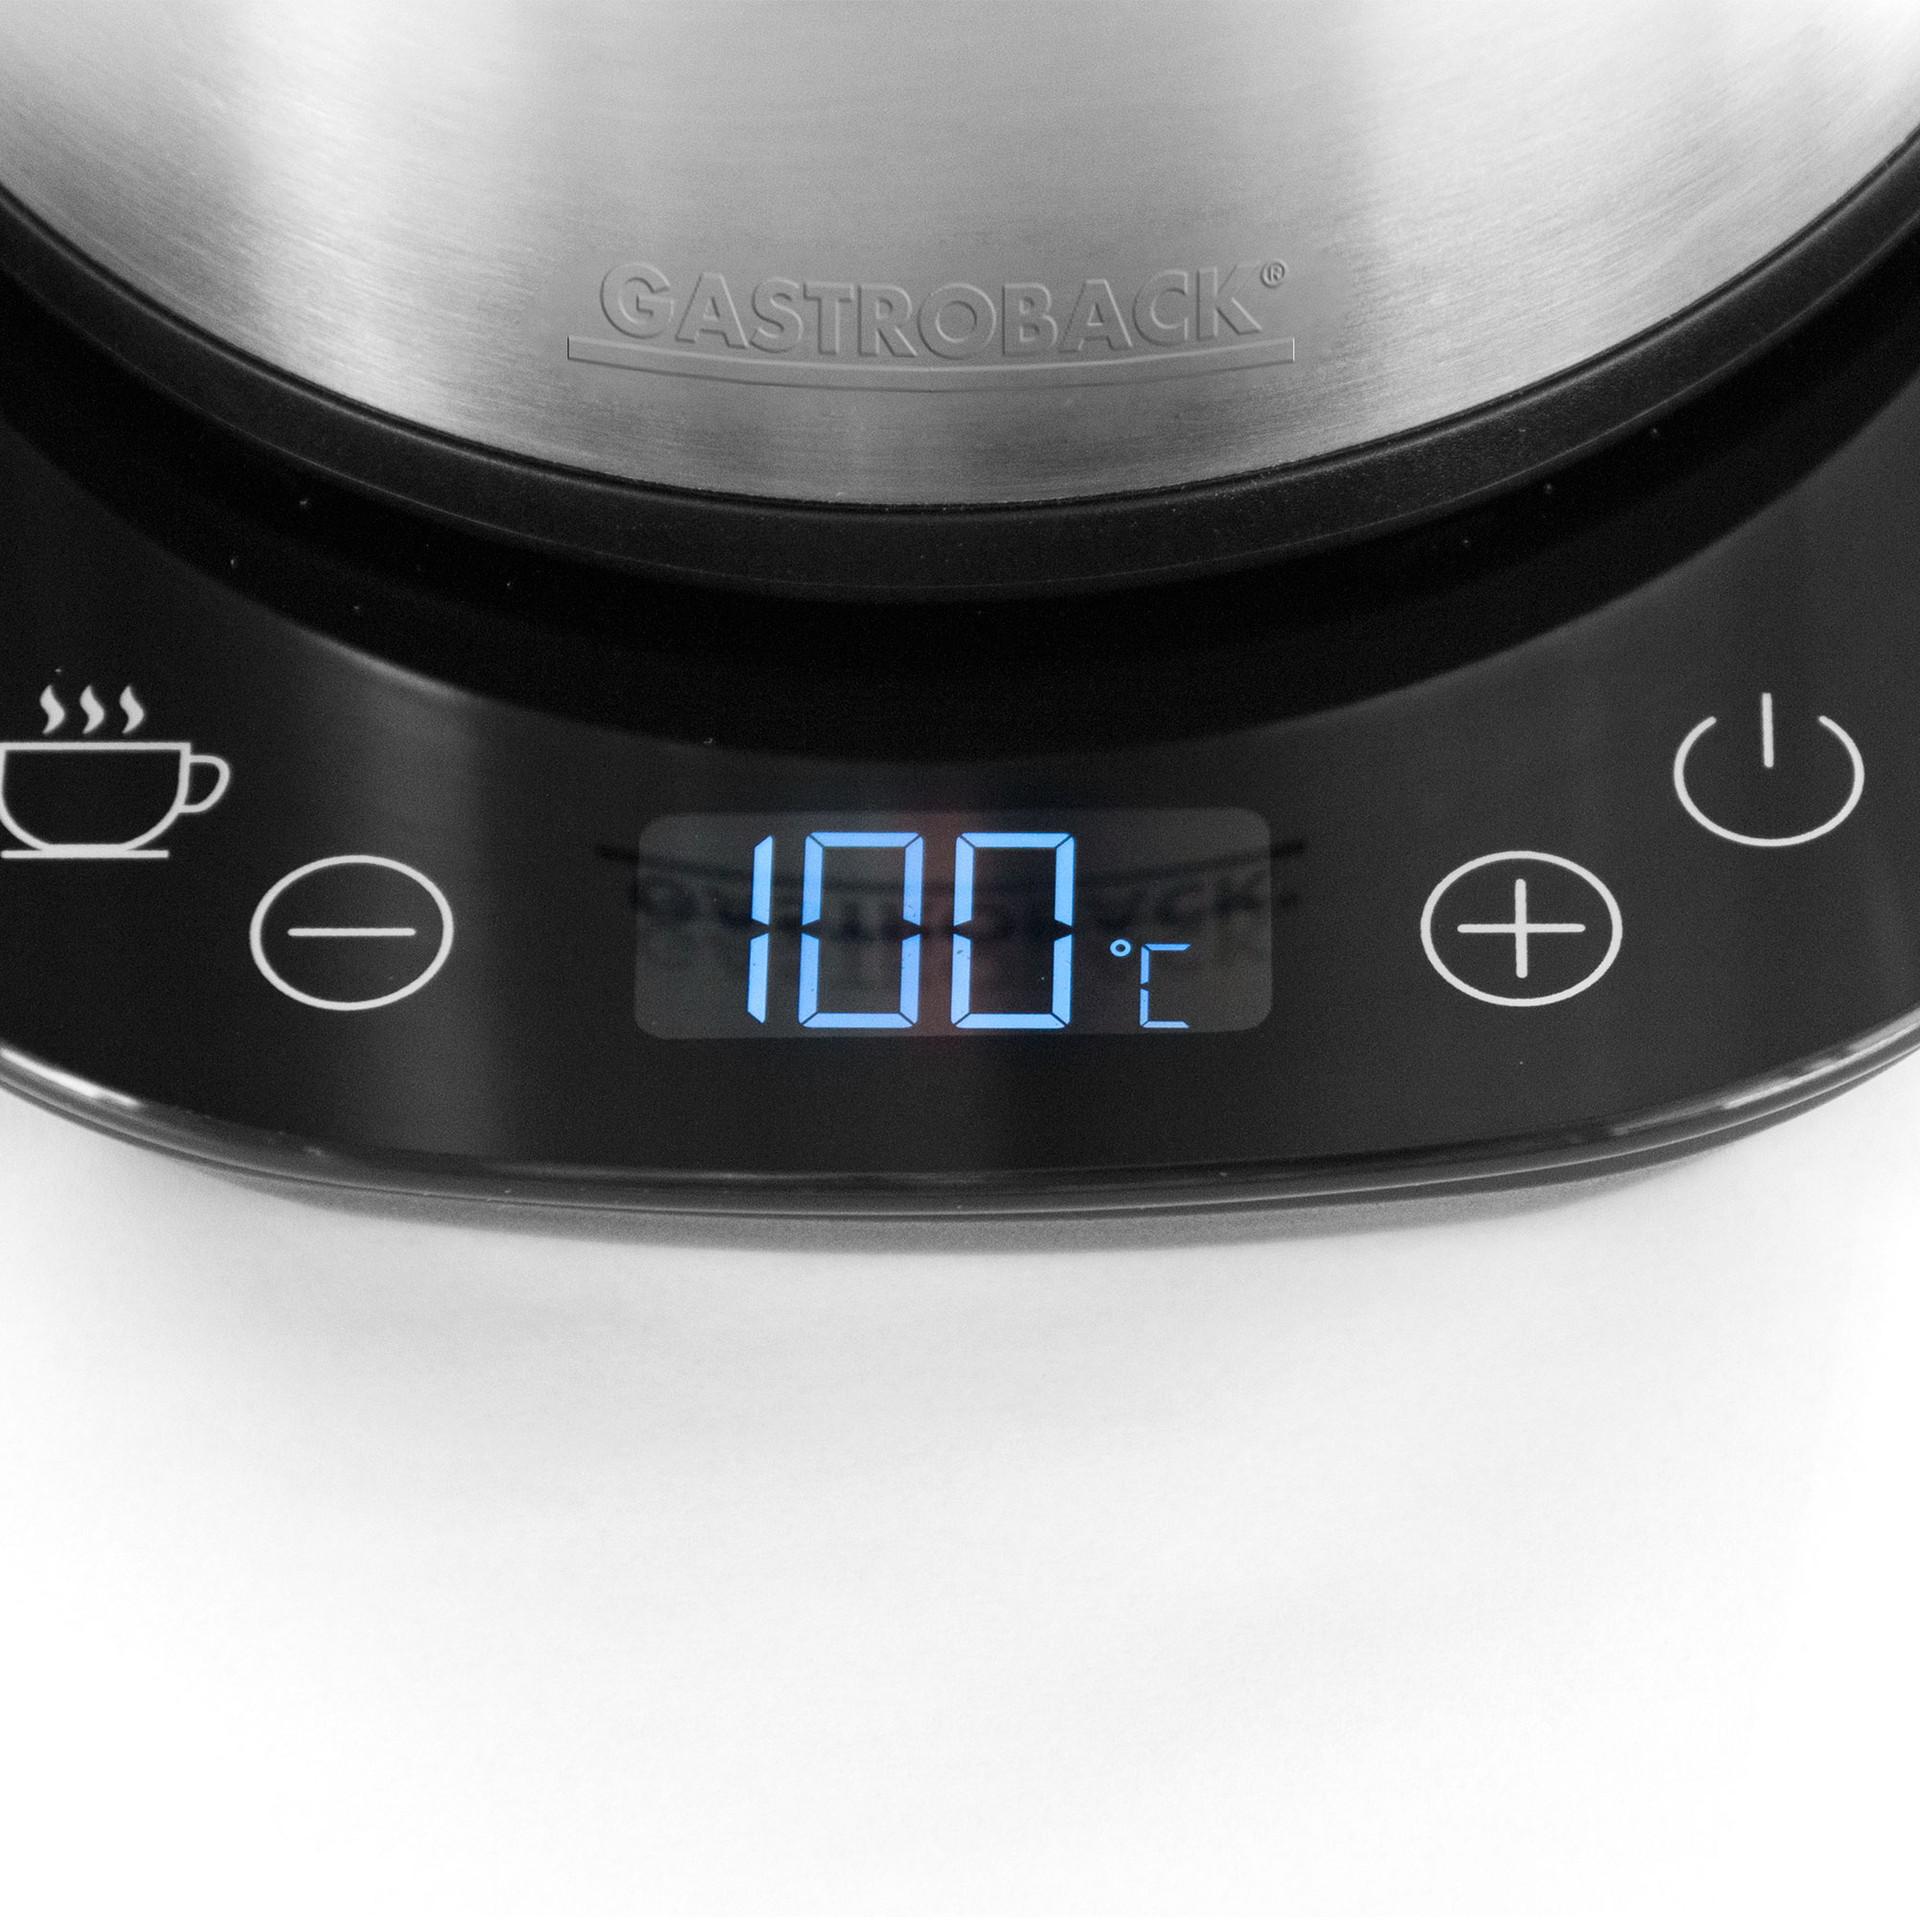 Rychlovarná termo konvice Gastroback 42426 s objemem 1.7l